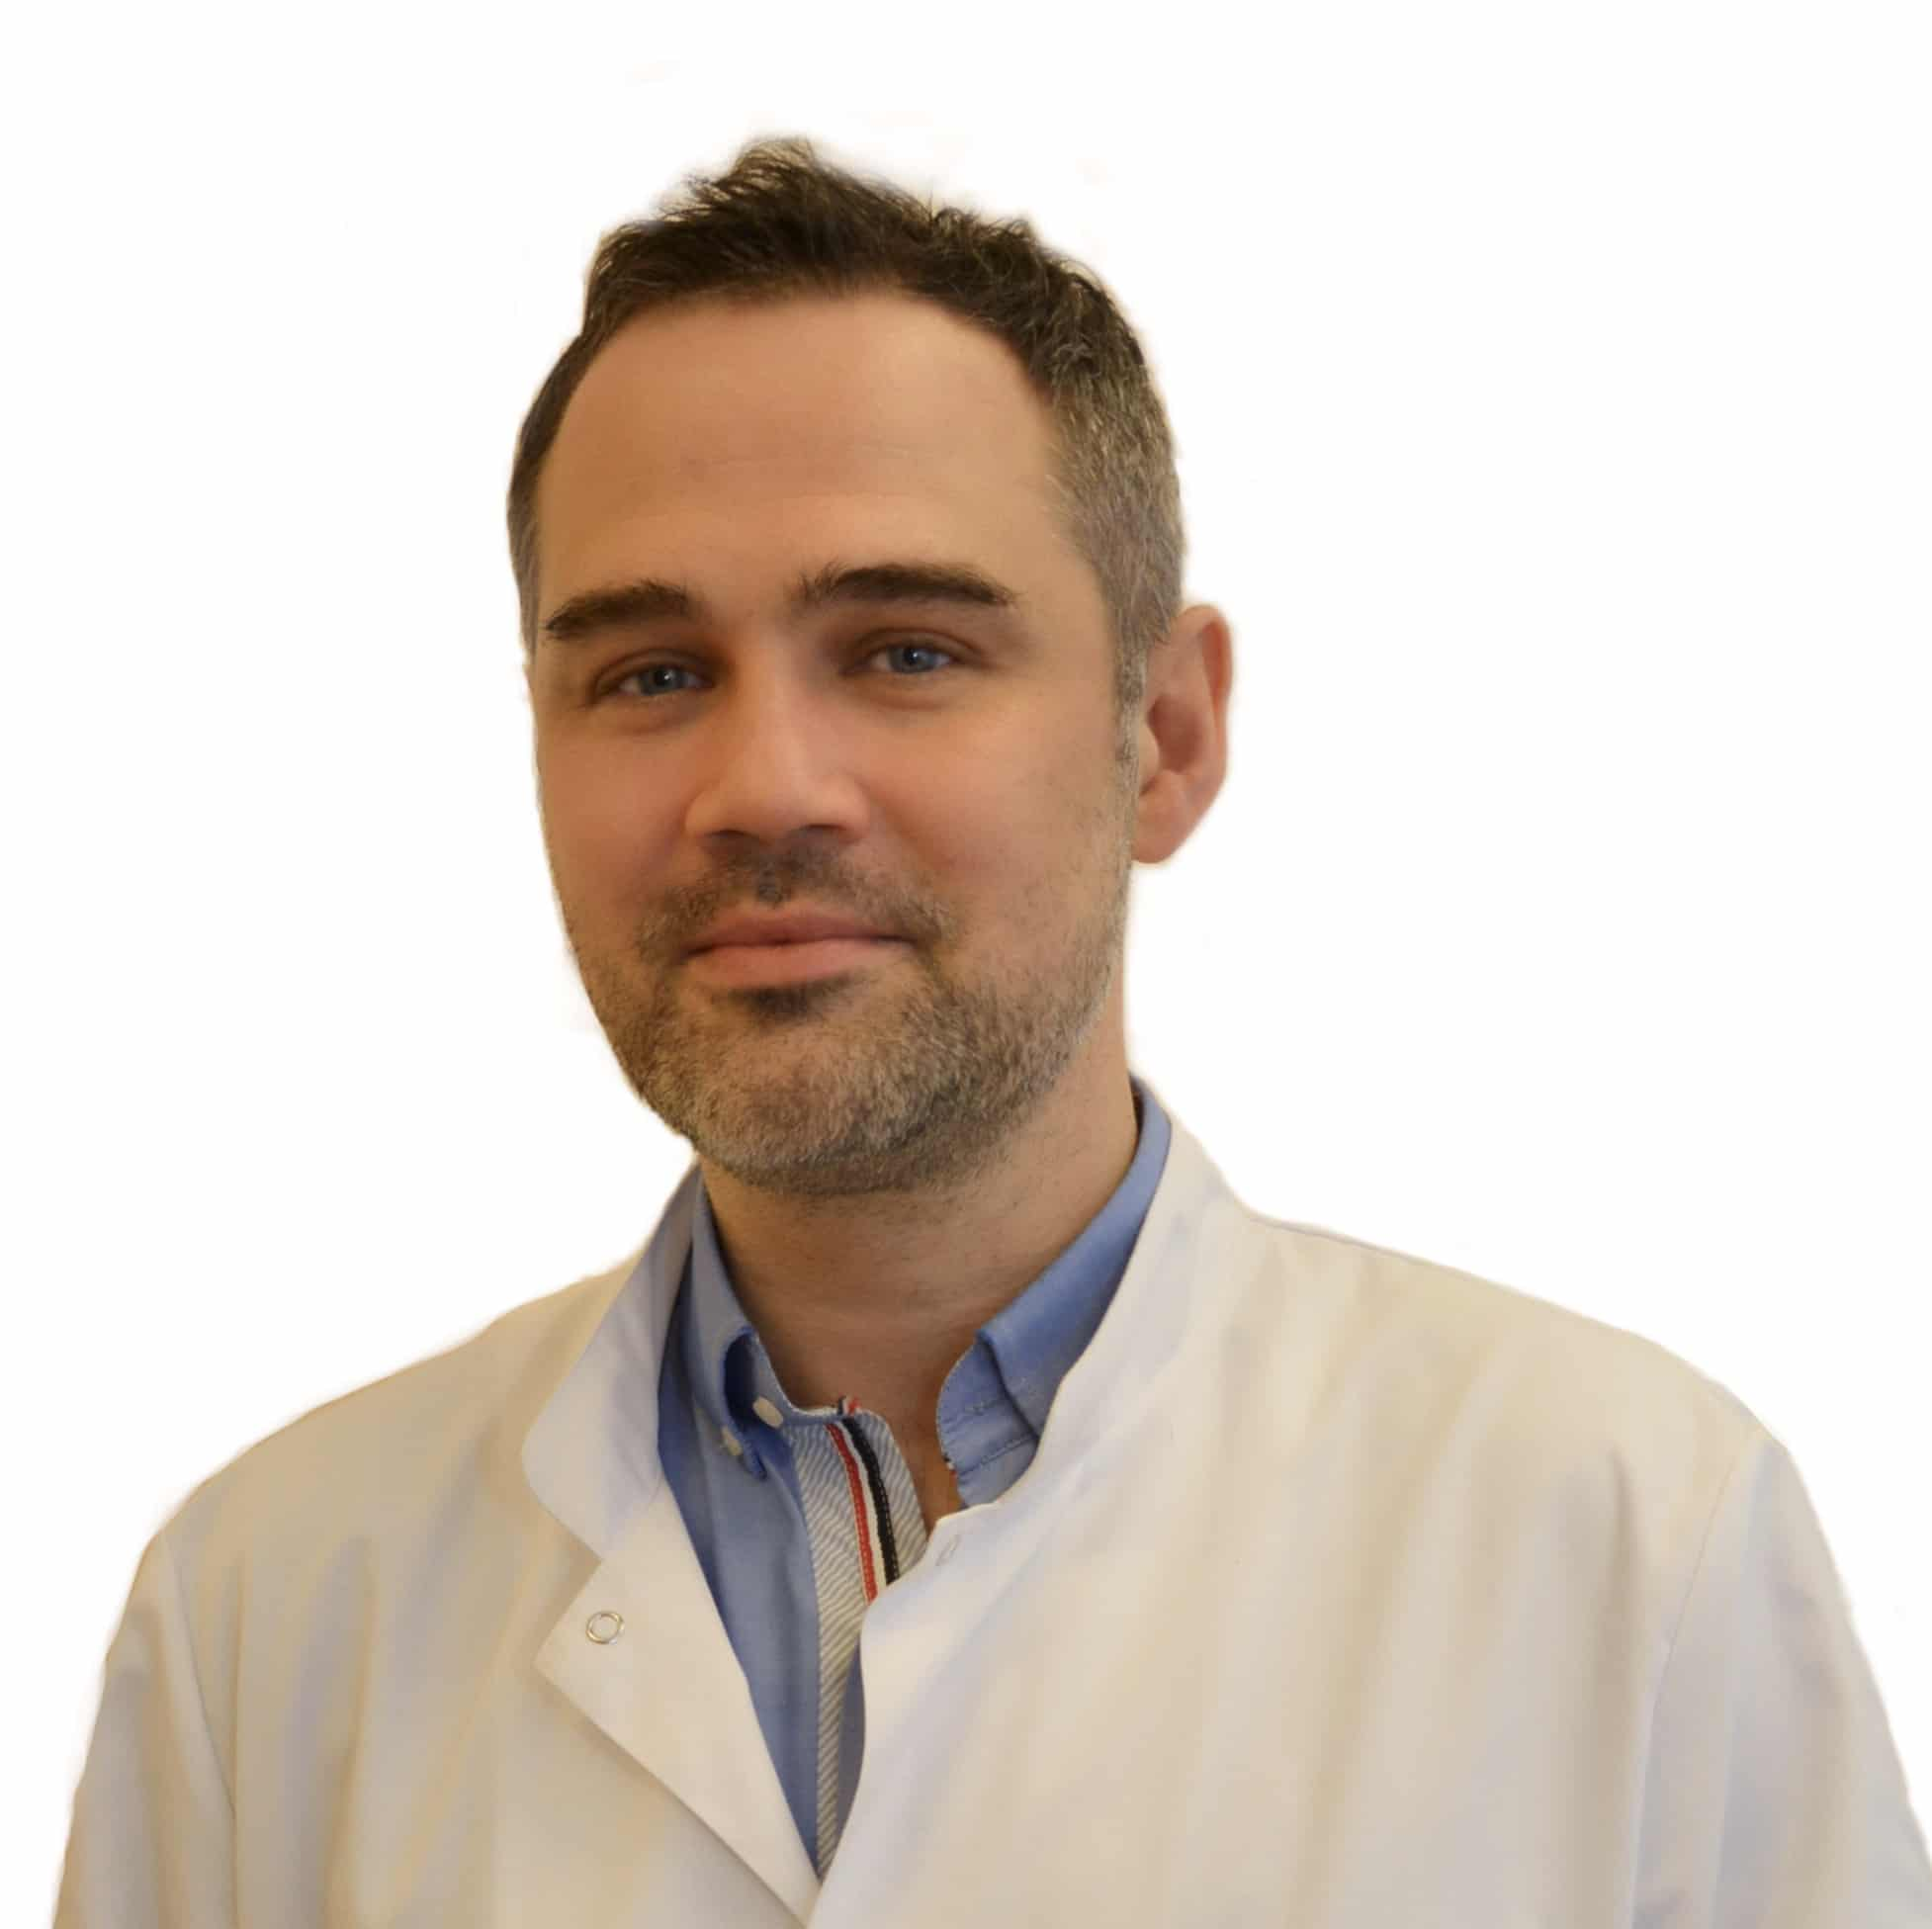 Specjalista chirurgii ogólnej Wojciech Kupczyk prywatnie Toruń